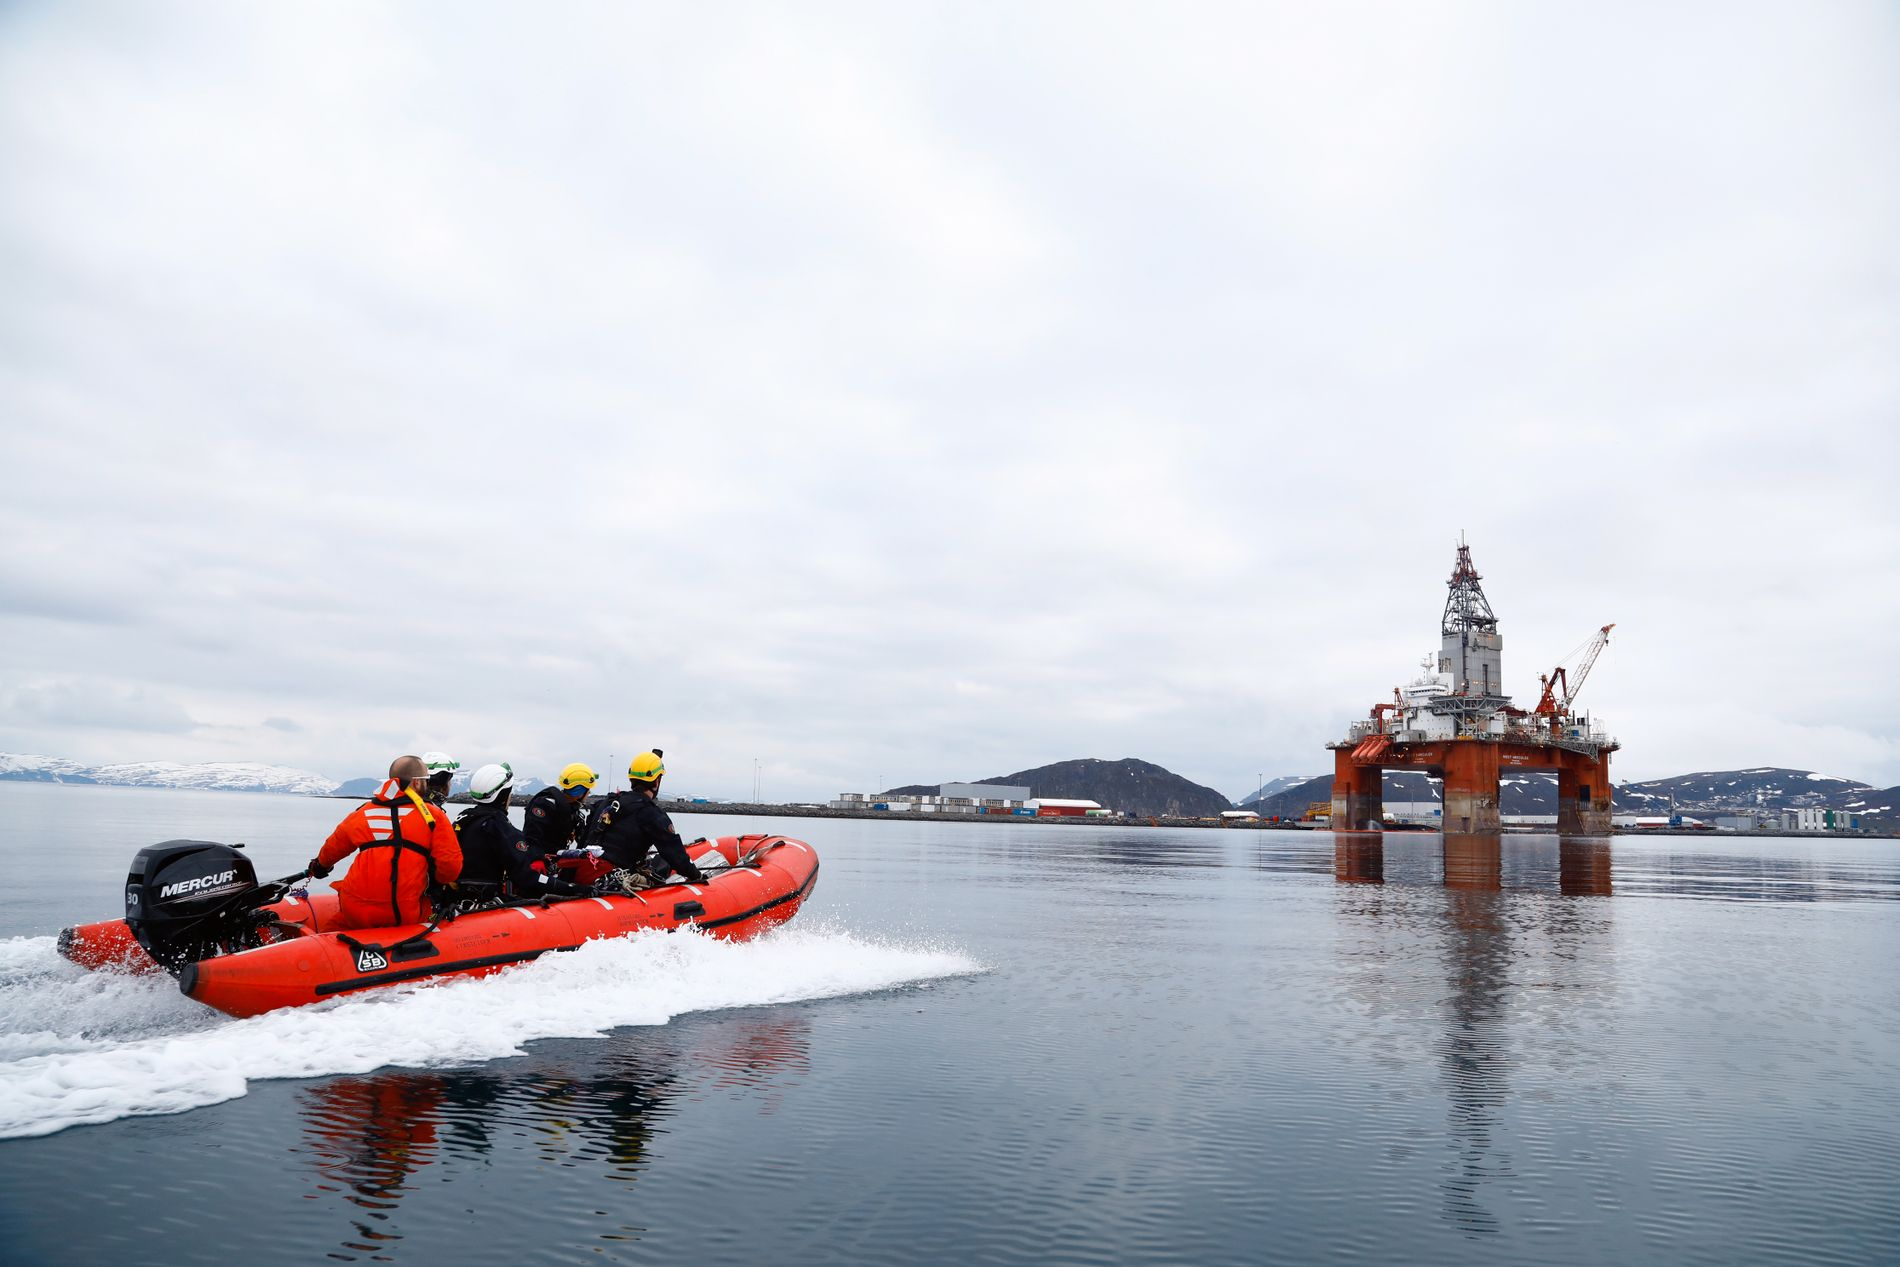 NY AKSJON: Mandag gikk Greenpeace-aktivister til aksjon mot Seadrill-riggen West Hercules, som ligger utenfor Hammerfest i påvente av boring til sommeren. Ifølge organisasjonen klatret fire Greenpeace-aktivister opp på riggen.